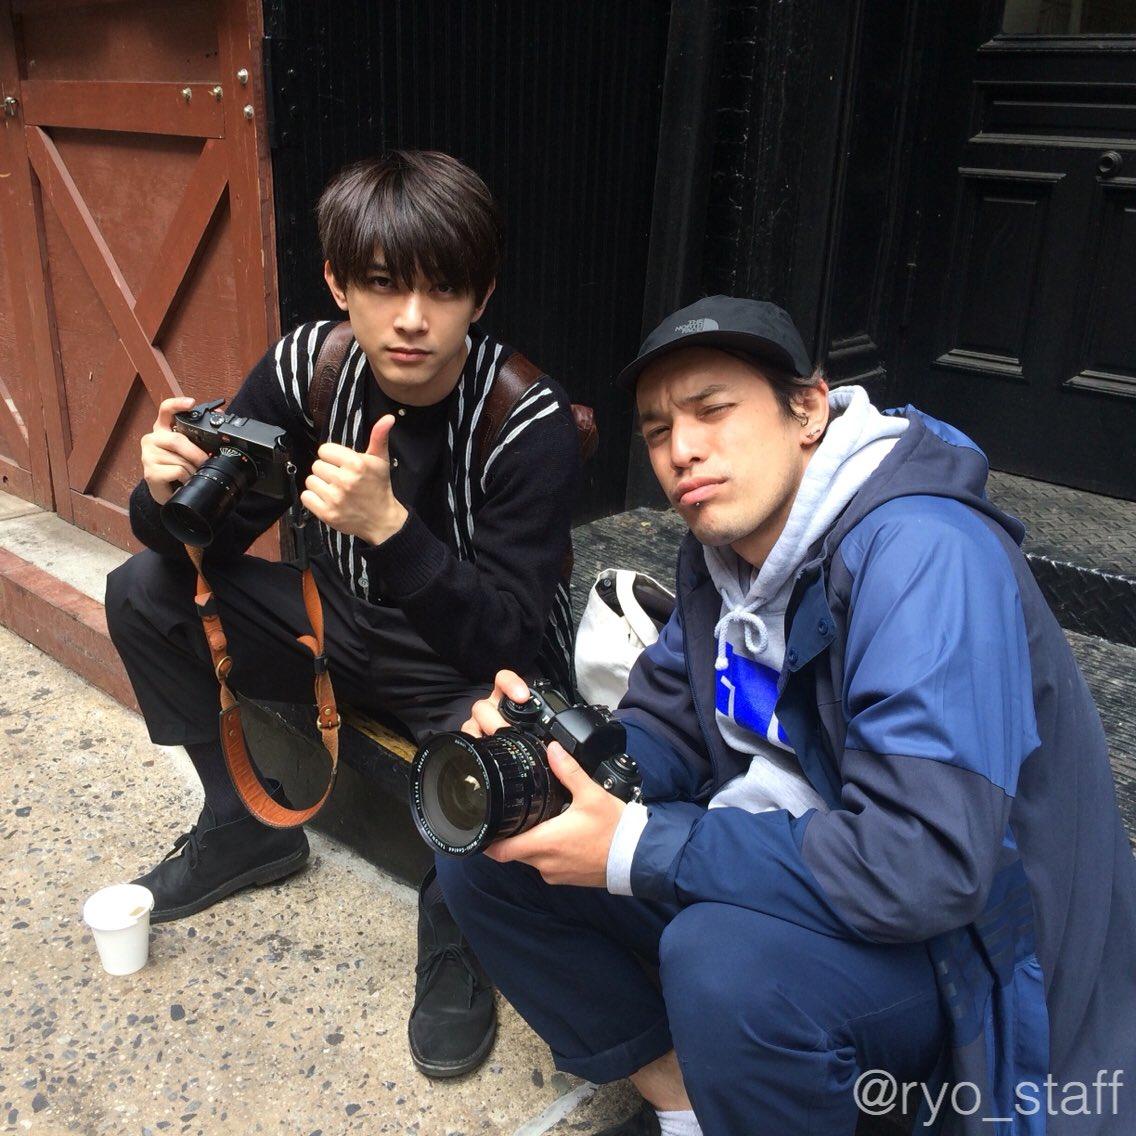 5月もあっという間に終わりですね🍃吉沢はNYに行ったり、オオカミ少女と黒王子が公開したり、明後日OAの早子先生の撮影した